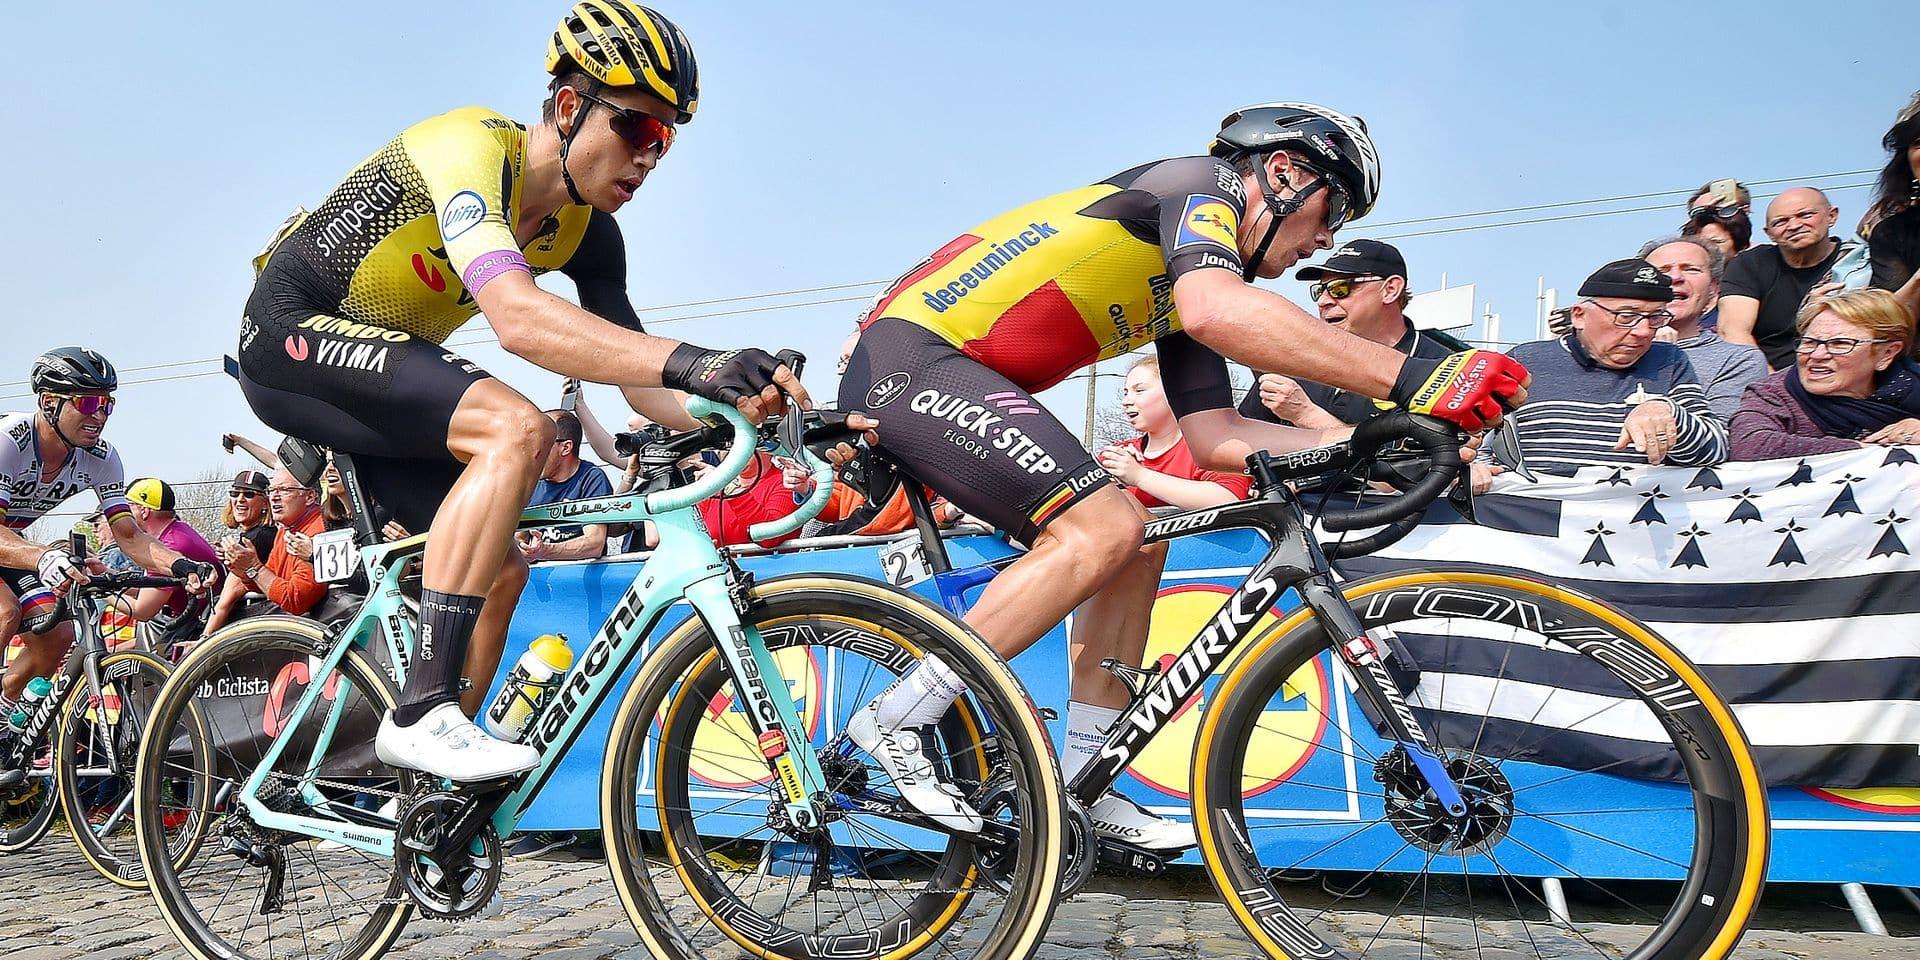 """Annoncé comme candidat à la victoire à Roubaix, Van Aert tempère: """"Personne ne domine actuellement"""""""